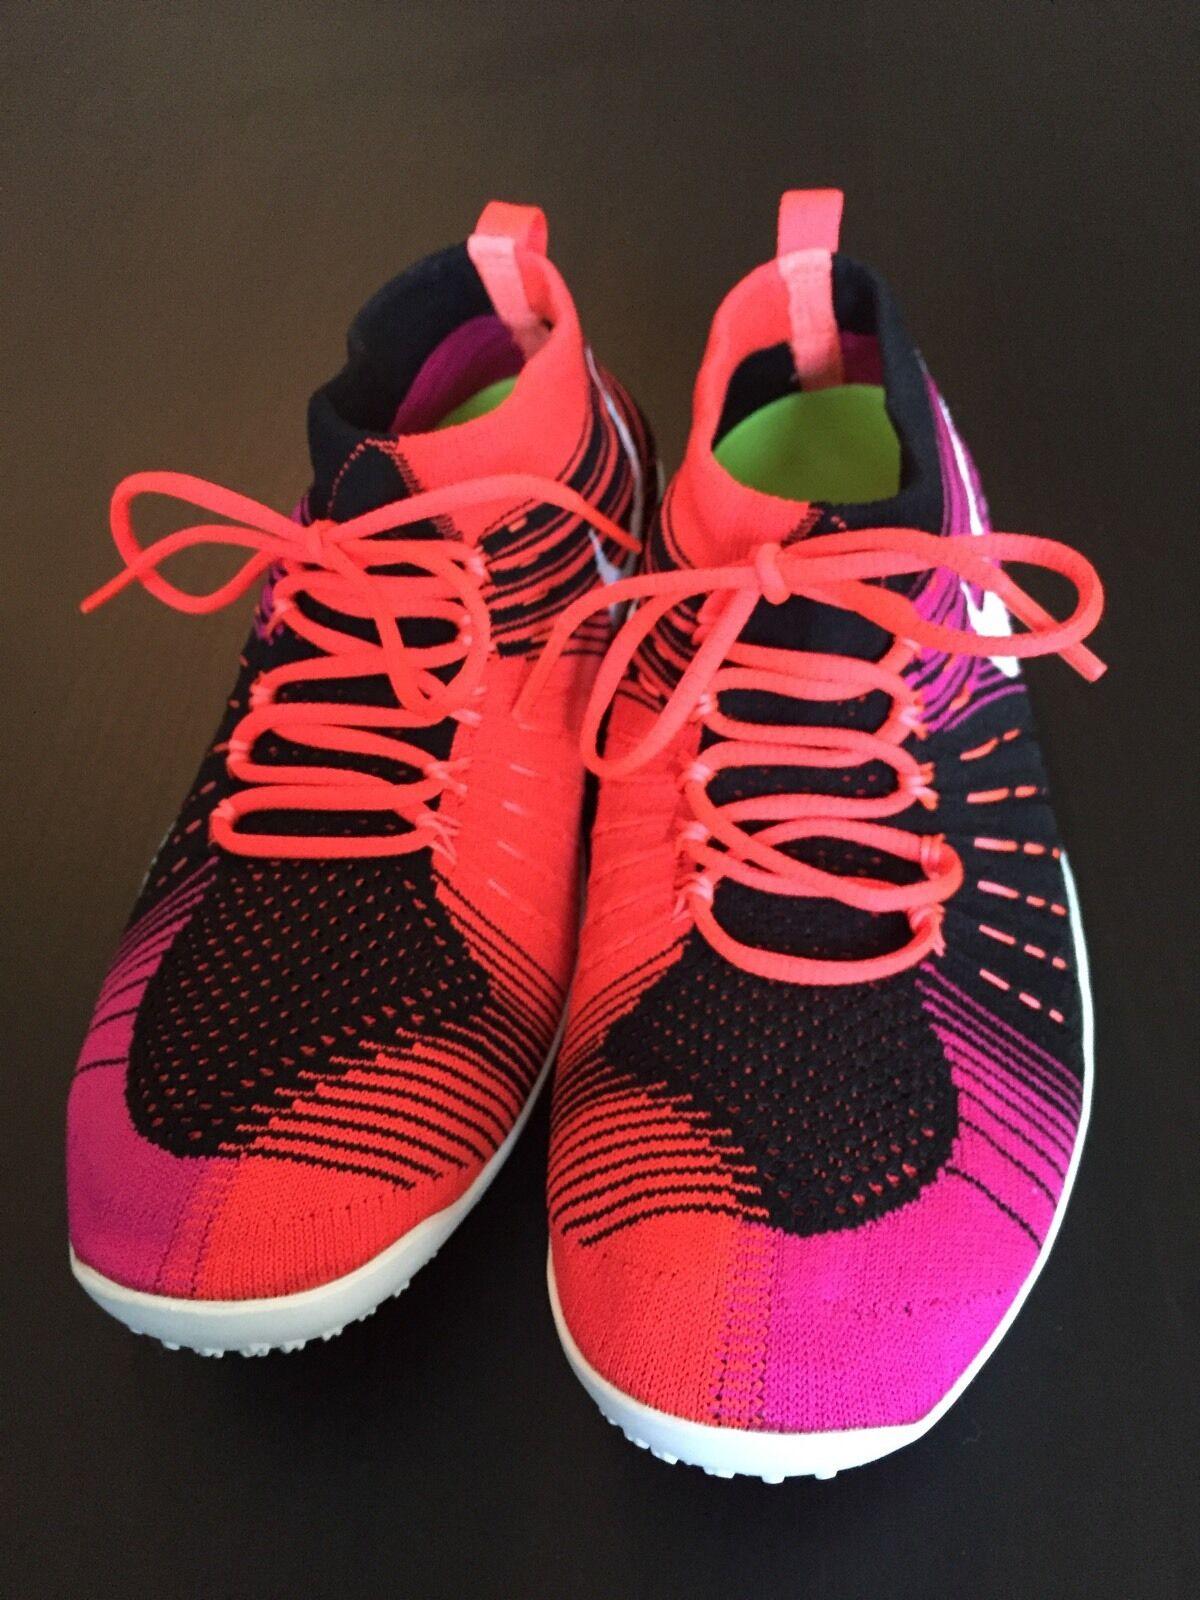 Nike hyperfeel flyknit croce gestiscono sz, nero, arancio, rosa msrp 175